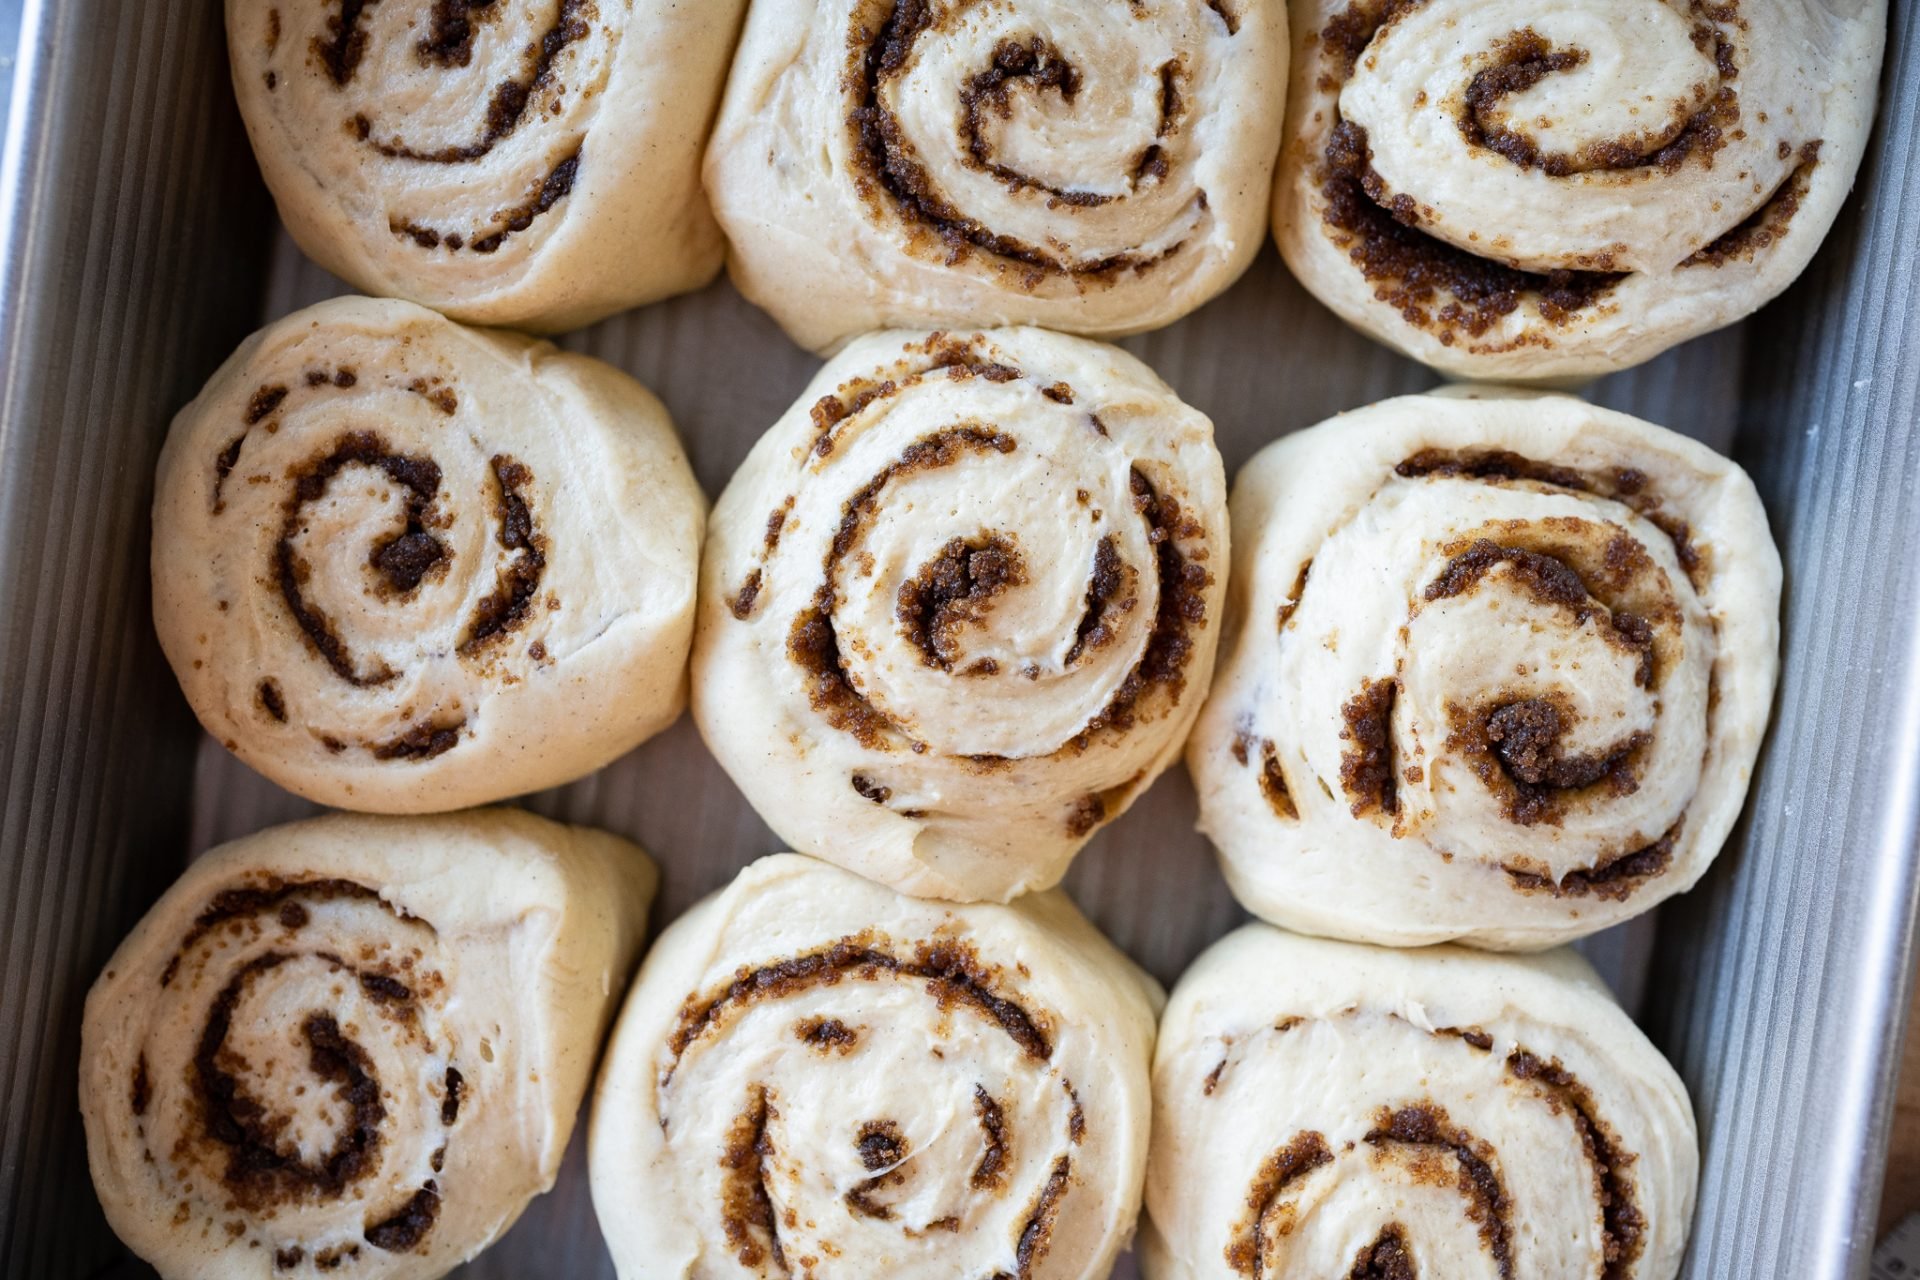 Sourdough cardamom dough before proof